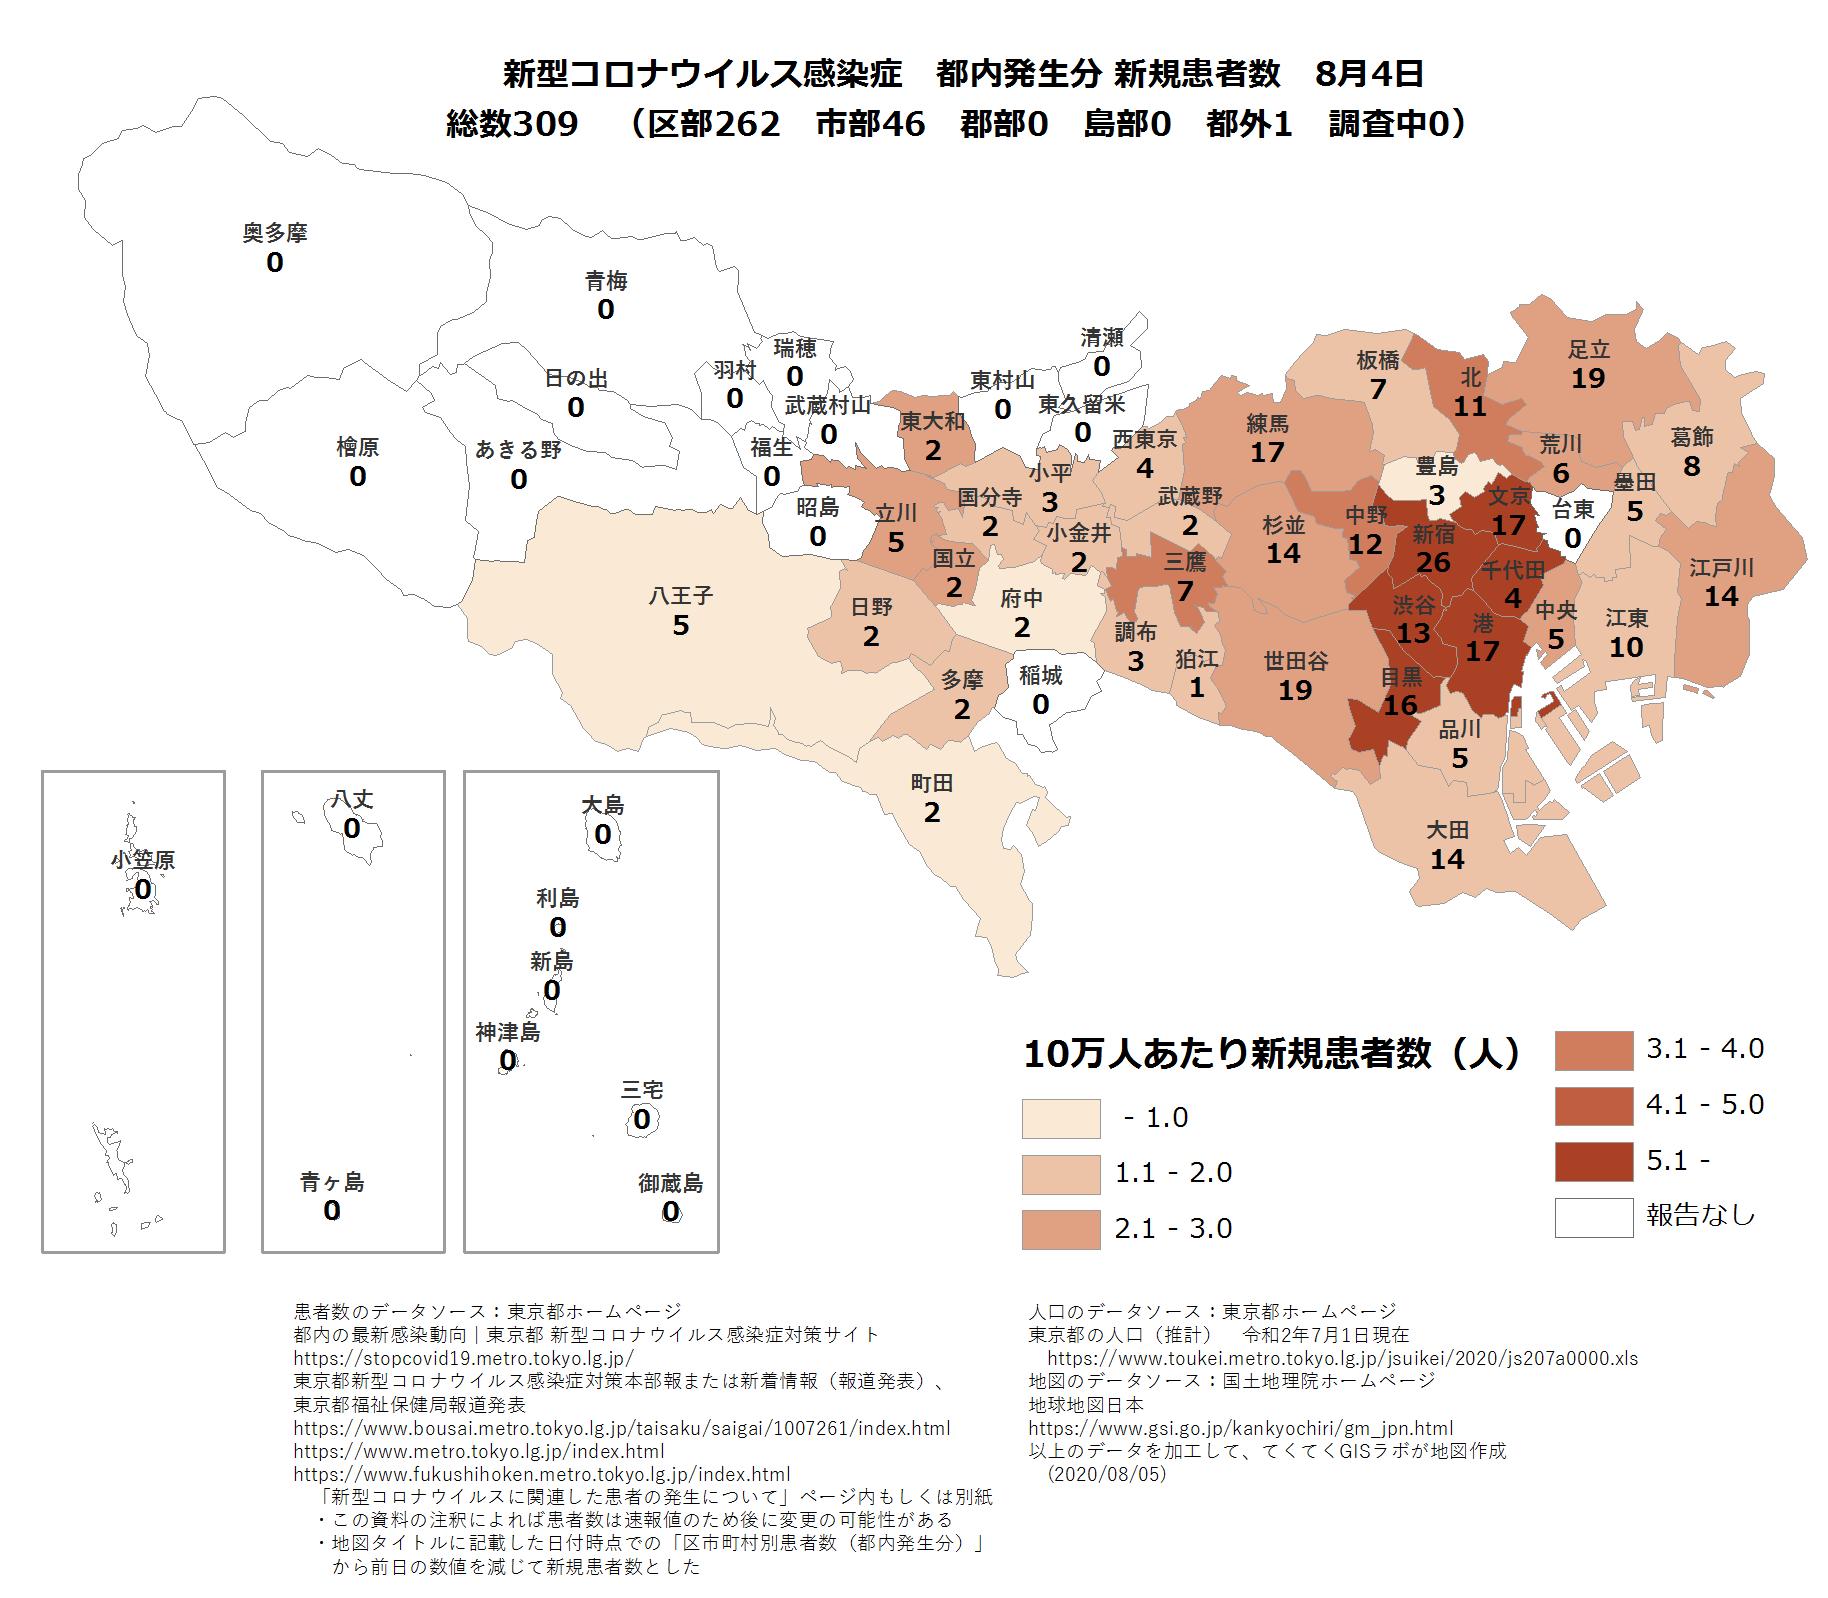 市区町村ごと新規患者数8月4日東京